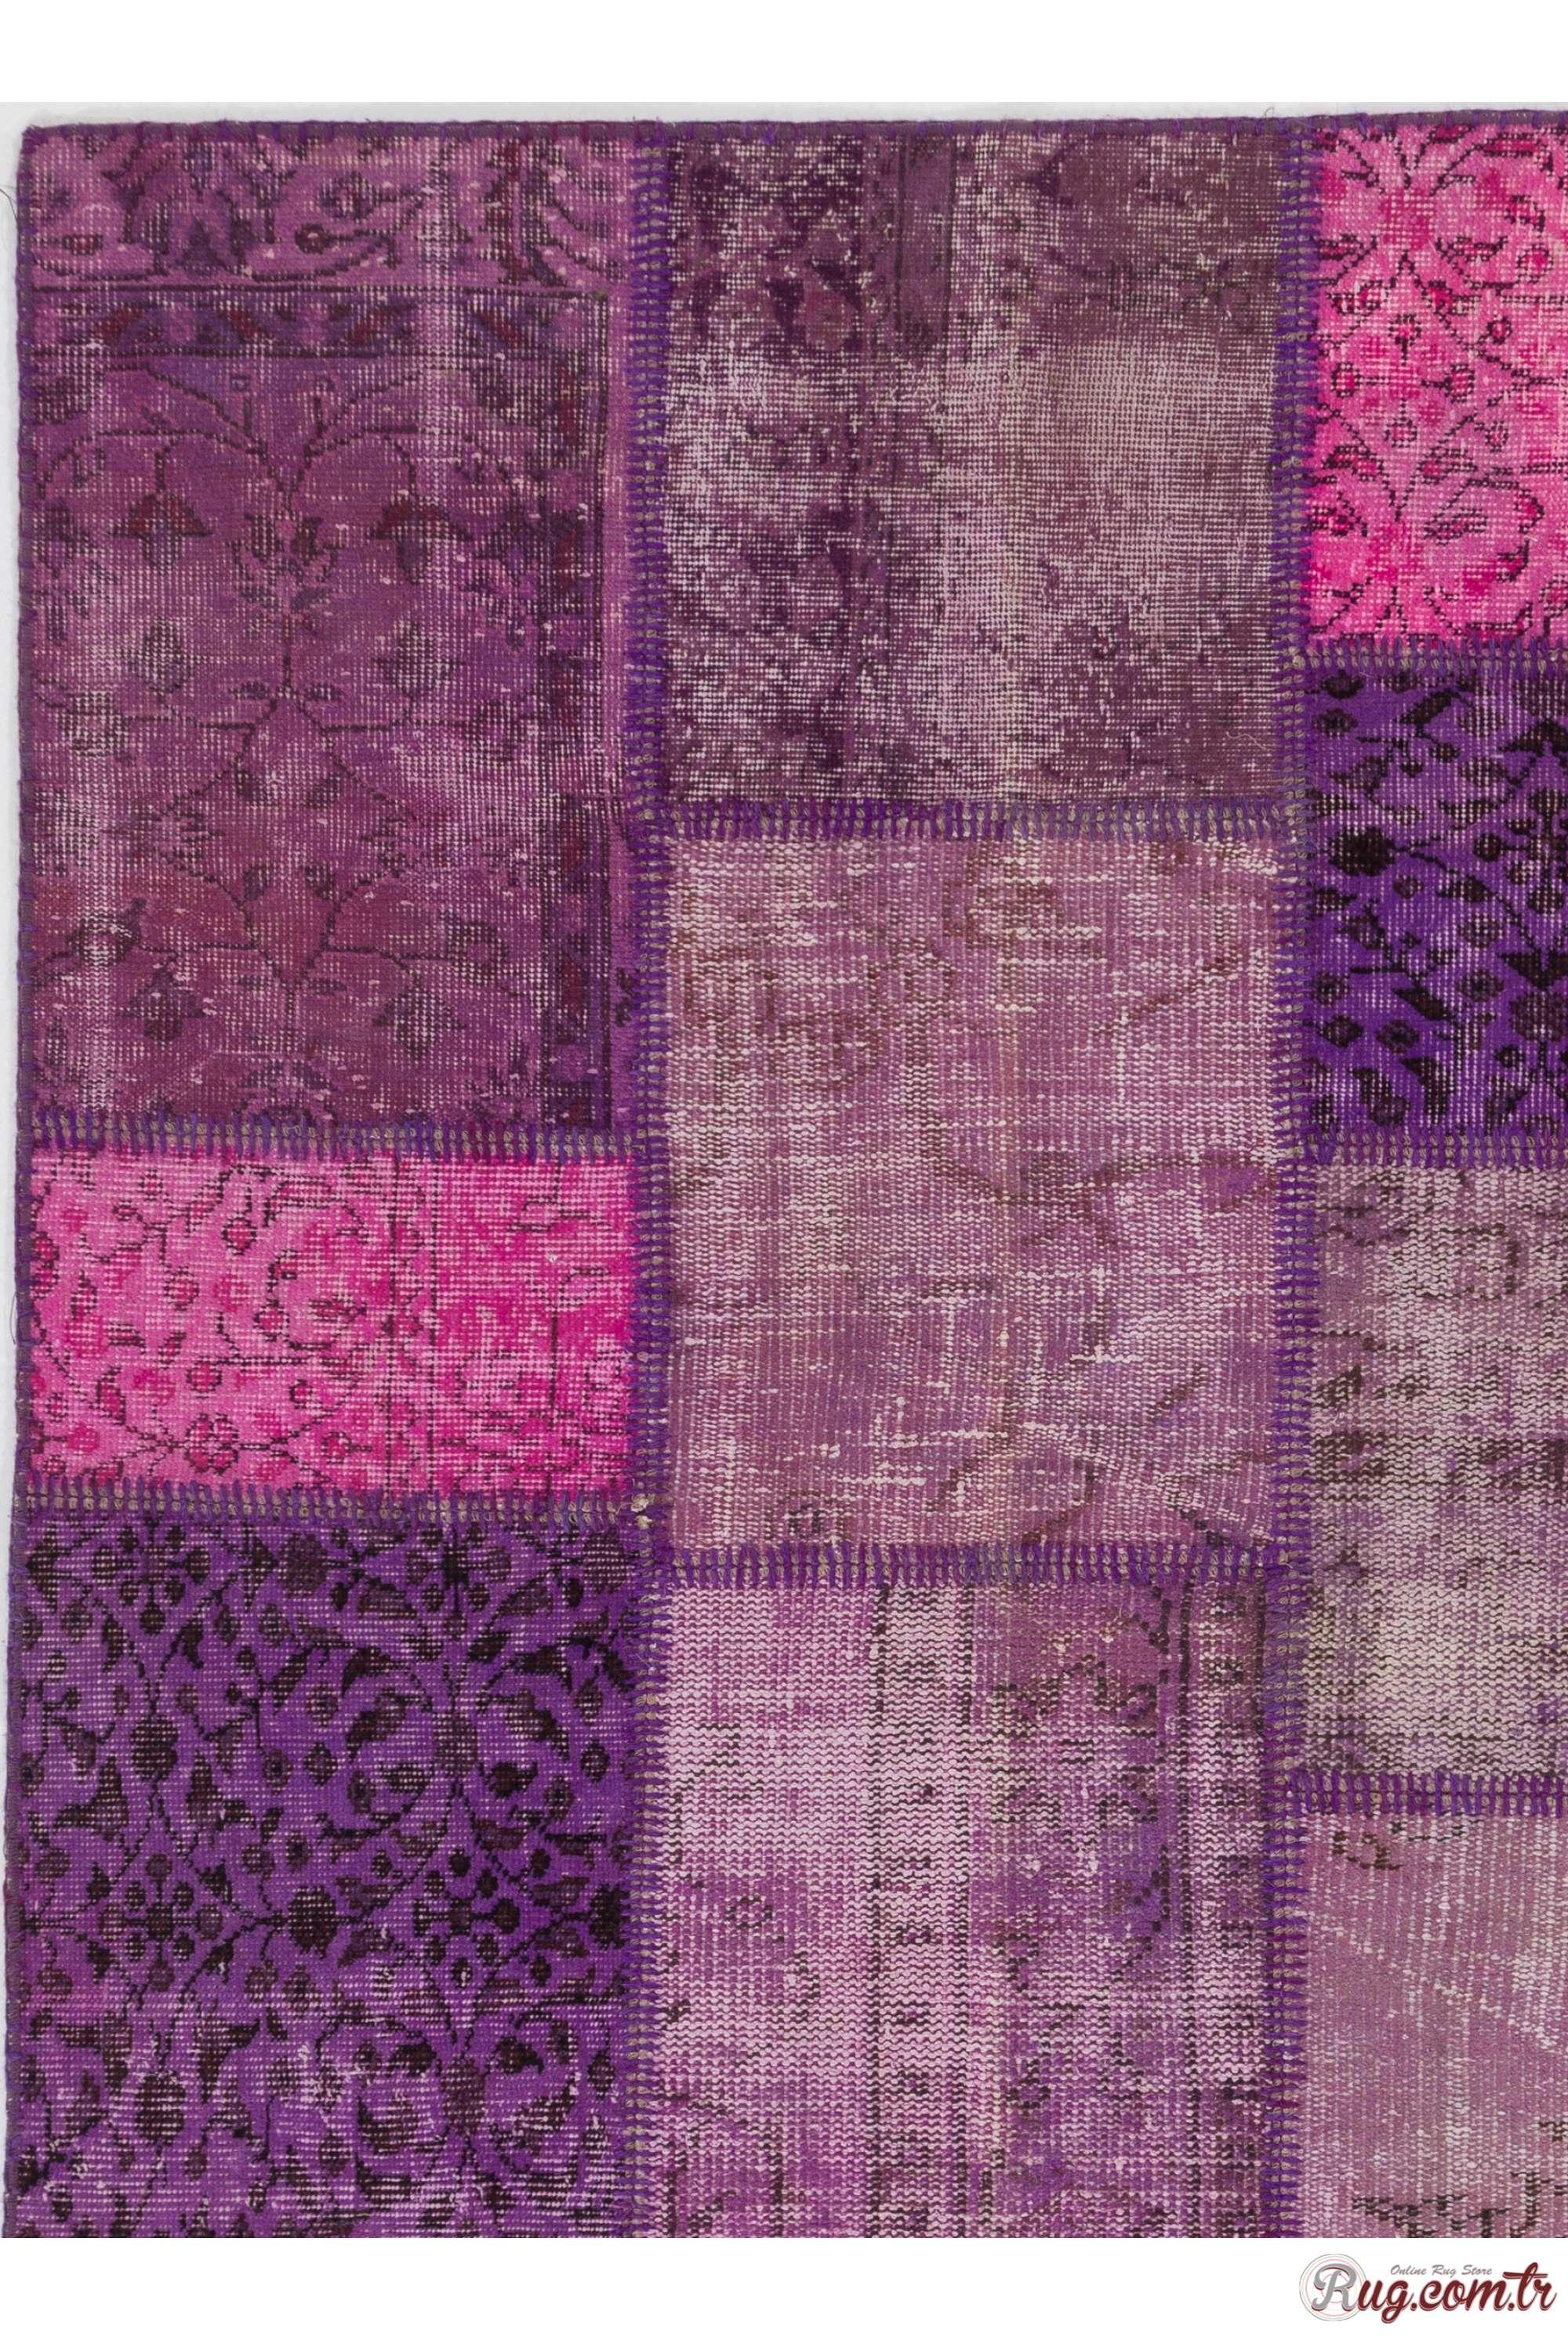 4 X 6 122x183 Cm Purple Lavender Lilac Orchid Color